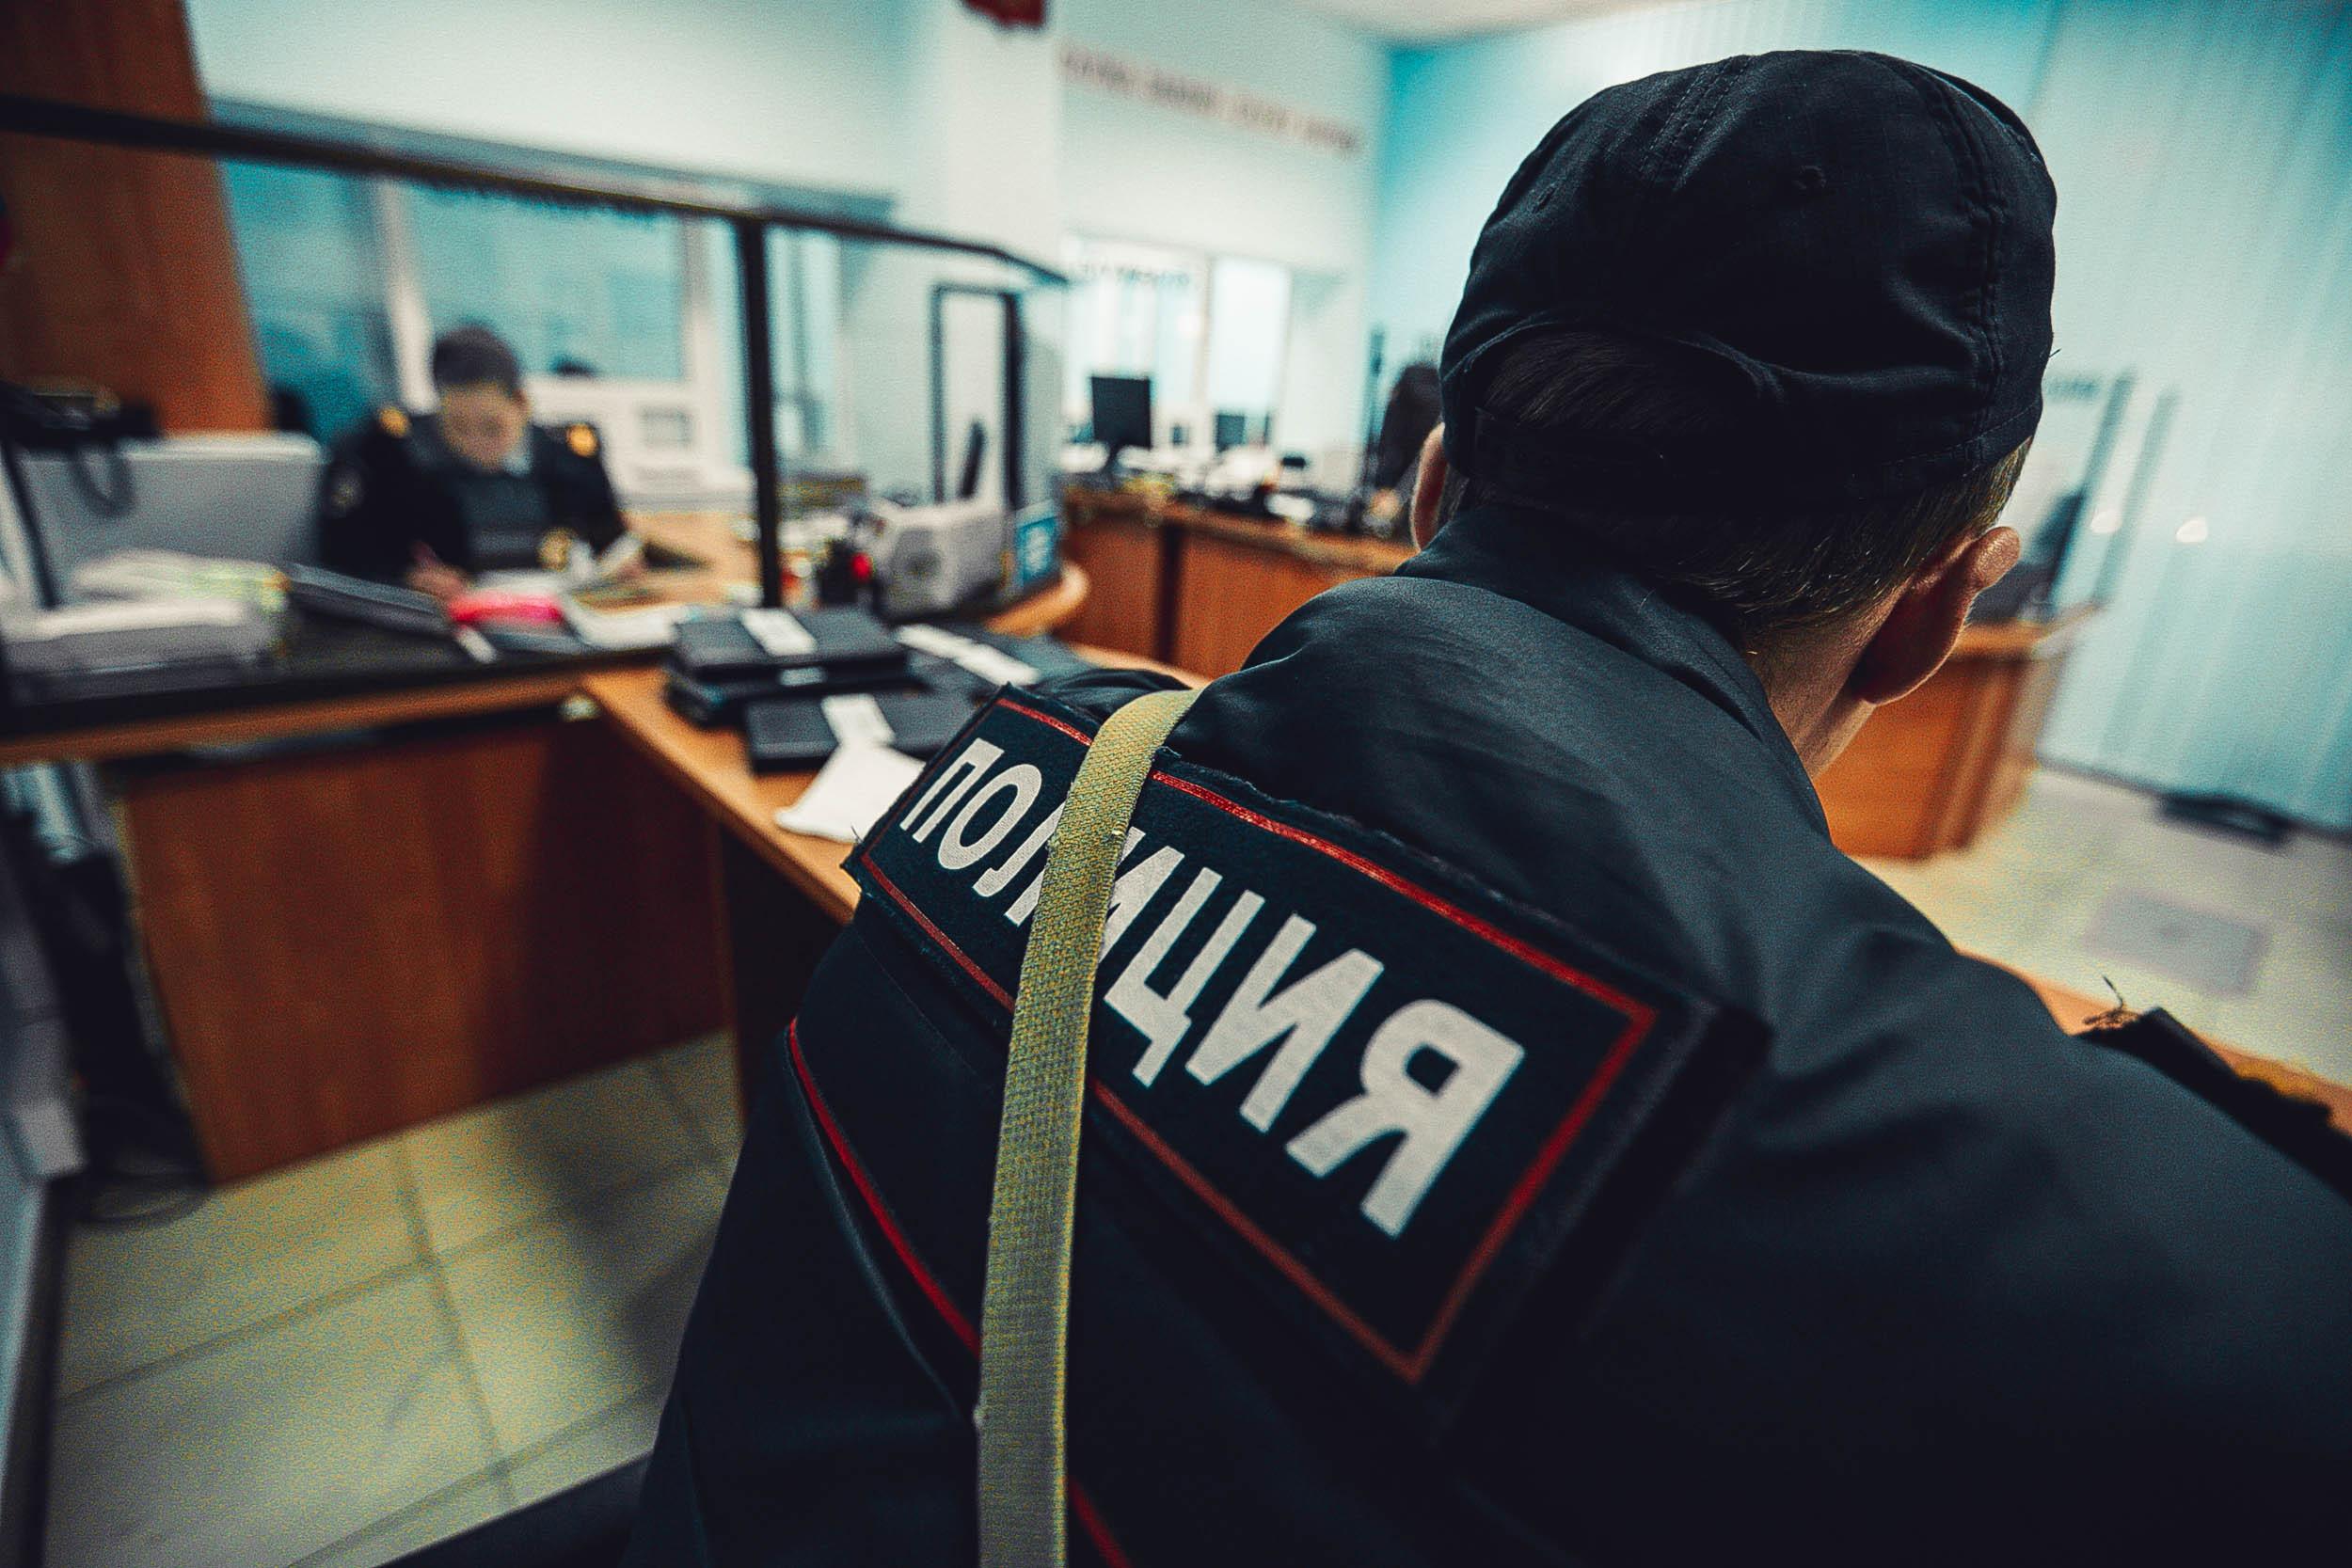 Забайкальская милиция поймала в столицеРФ девушку, путешествующую наукраденные у приятельницы деньги